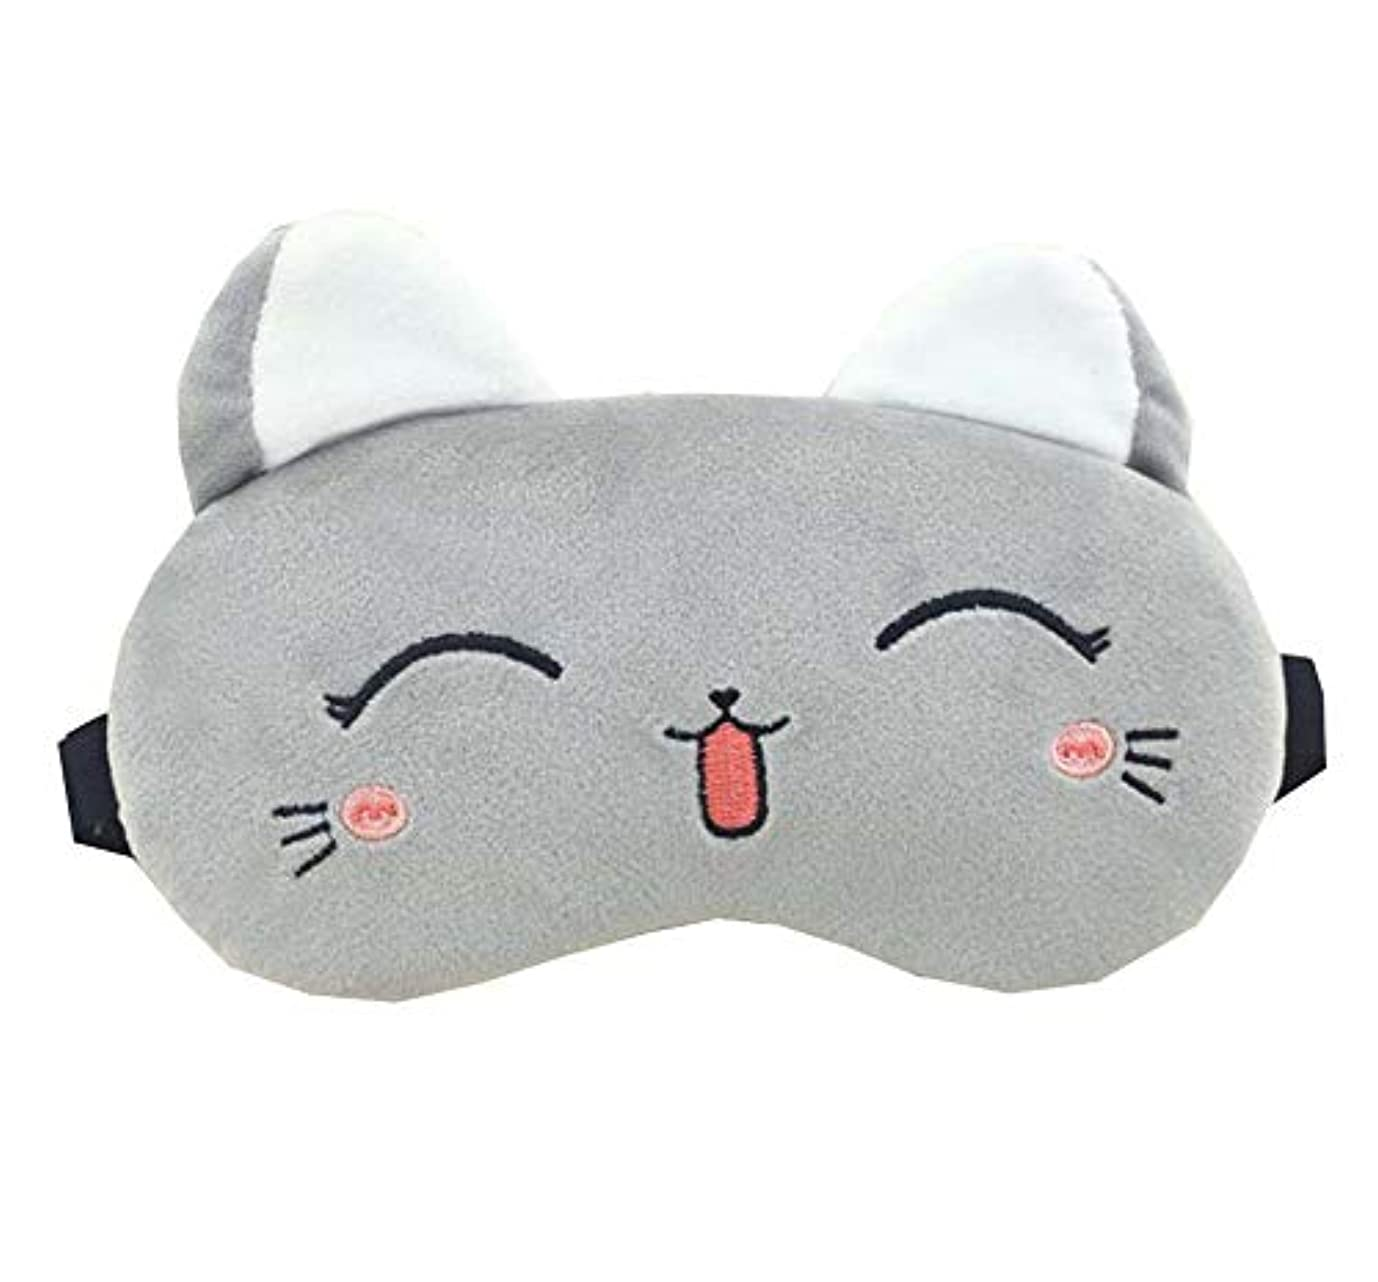 先生内なる液体女の子の旅行スリーピングアイシェード - 目隠しナップカバーアイマスクの改善睡眠、A